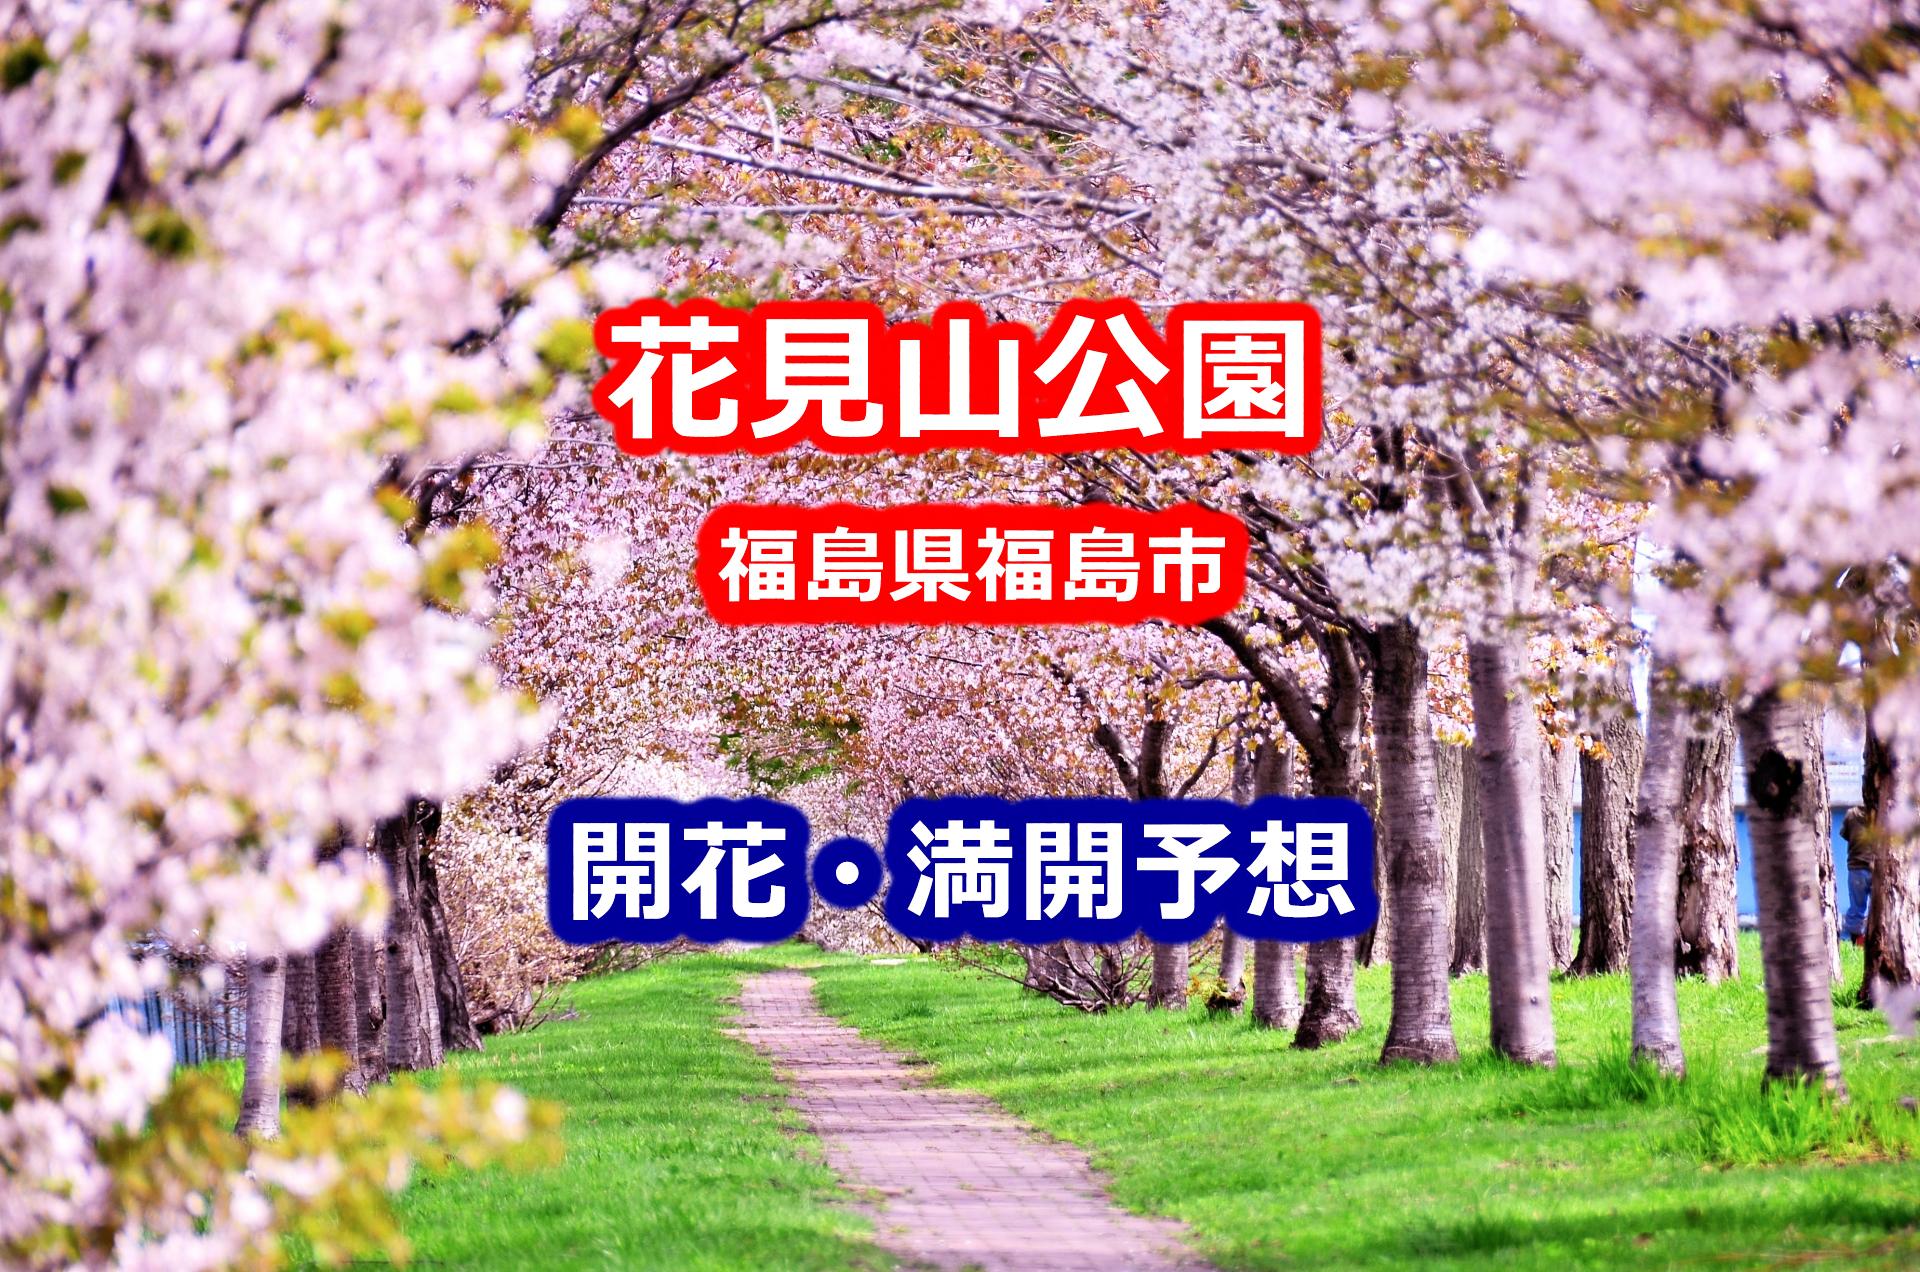 2020年花見山公園(福島市)の桜開花・満開予想・開花状況まとめ